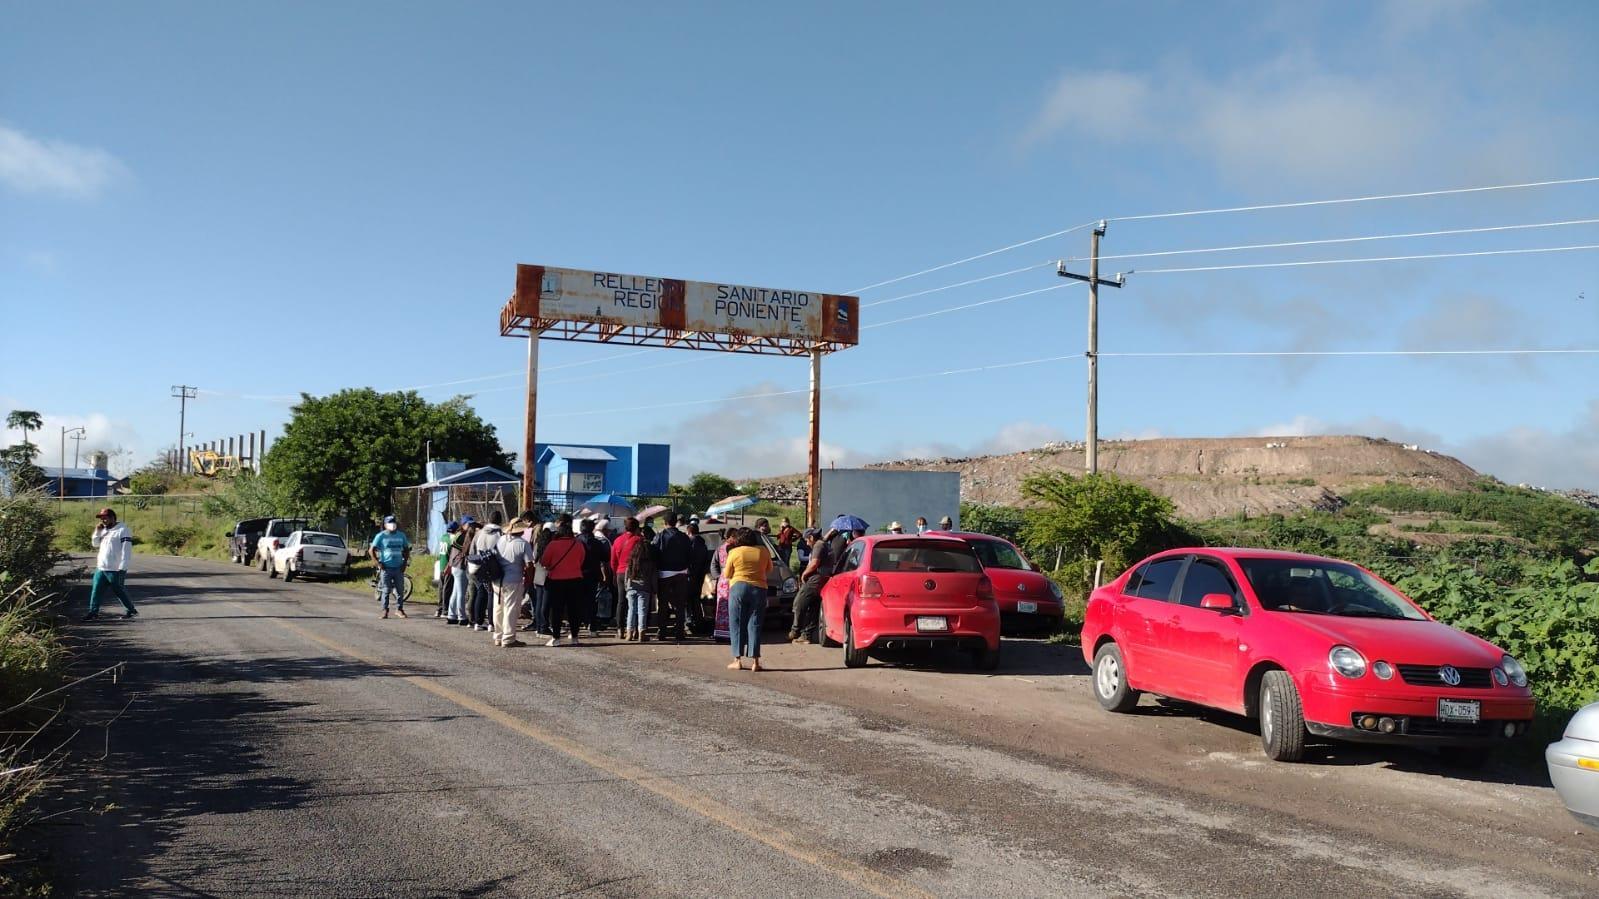 Vecinos del municipio de Mazatepec en compañía del alcalde Jorge Toledo bloquearon el acceso al relleno sanitario de la zona sur poniente de Morelos para que otras localidades dejen de traer desechos a este espacio